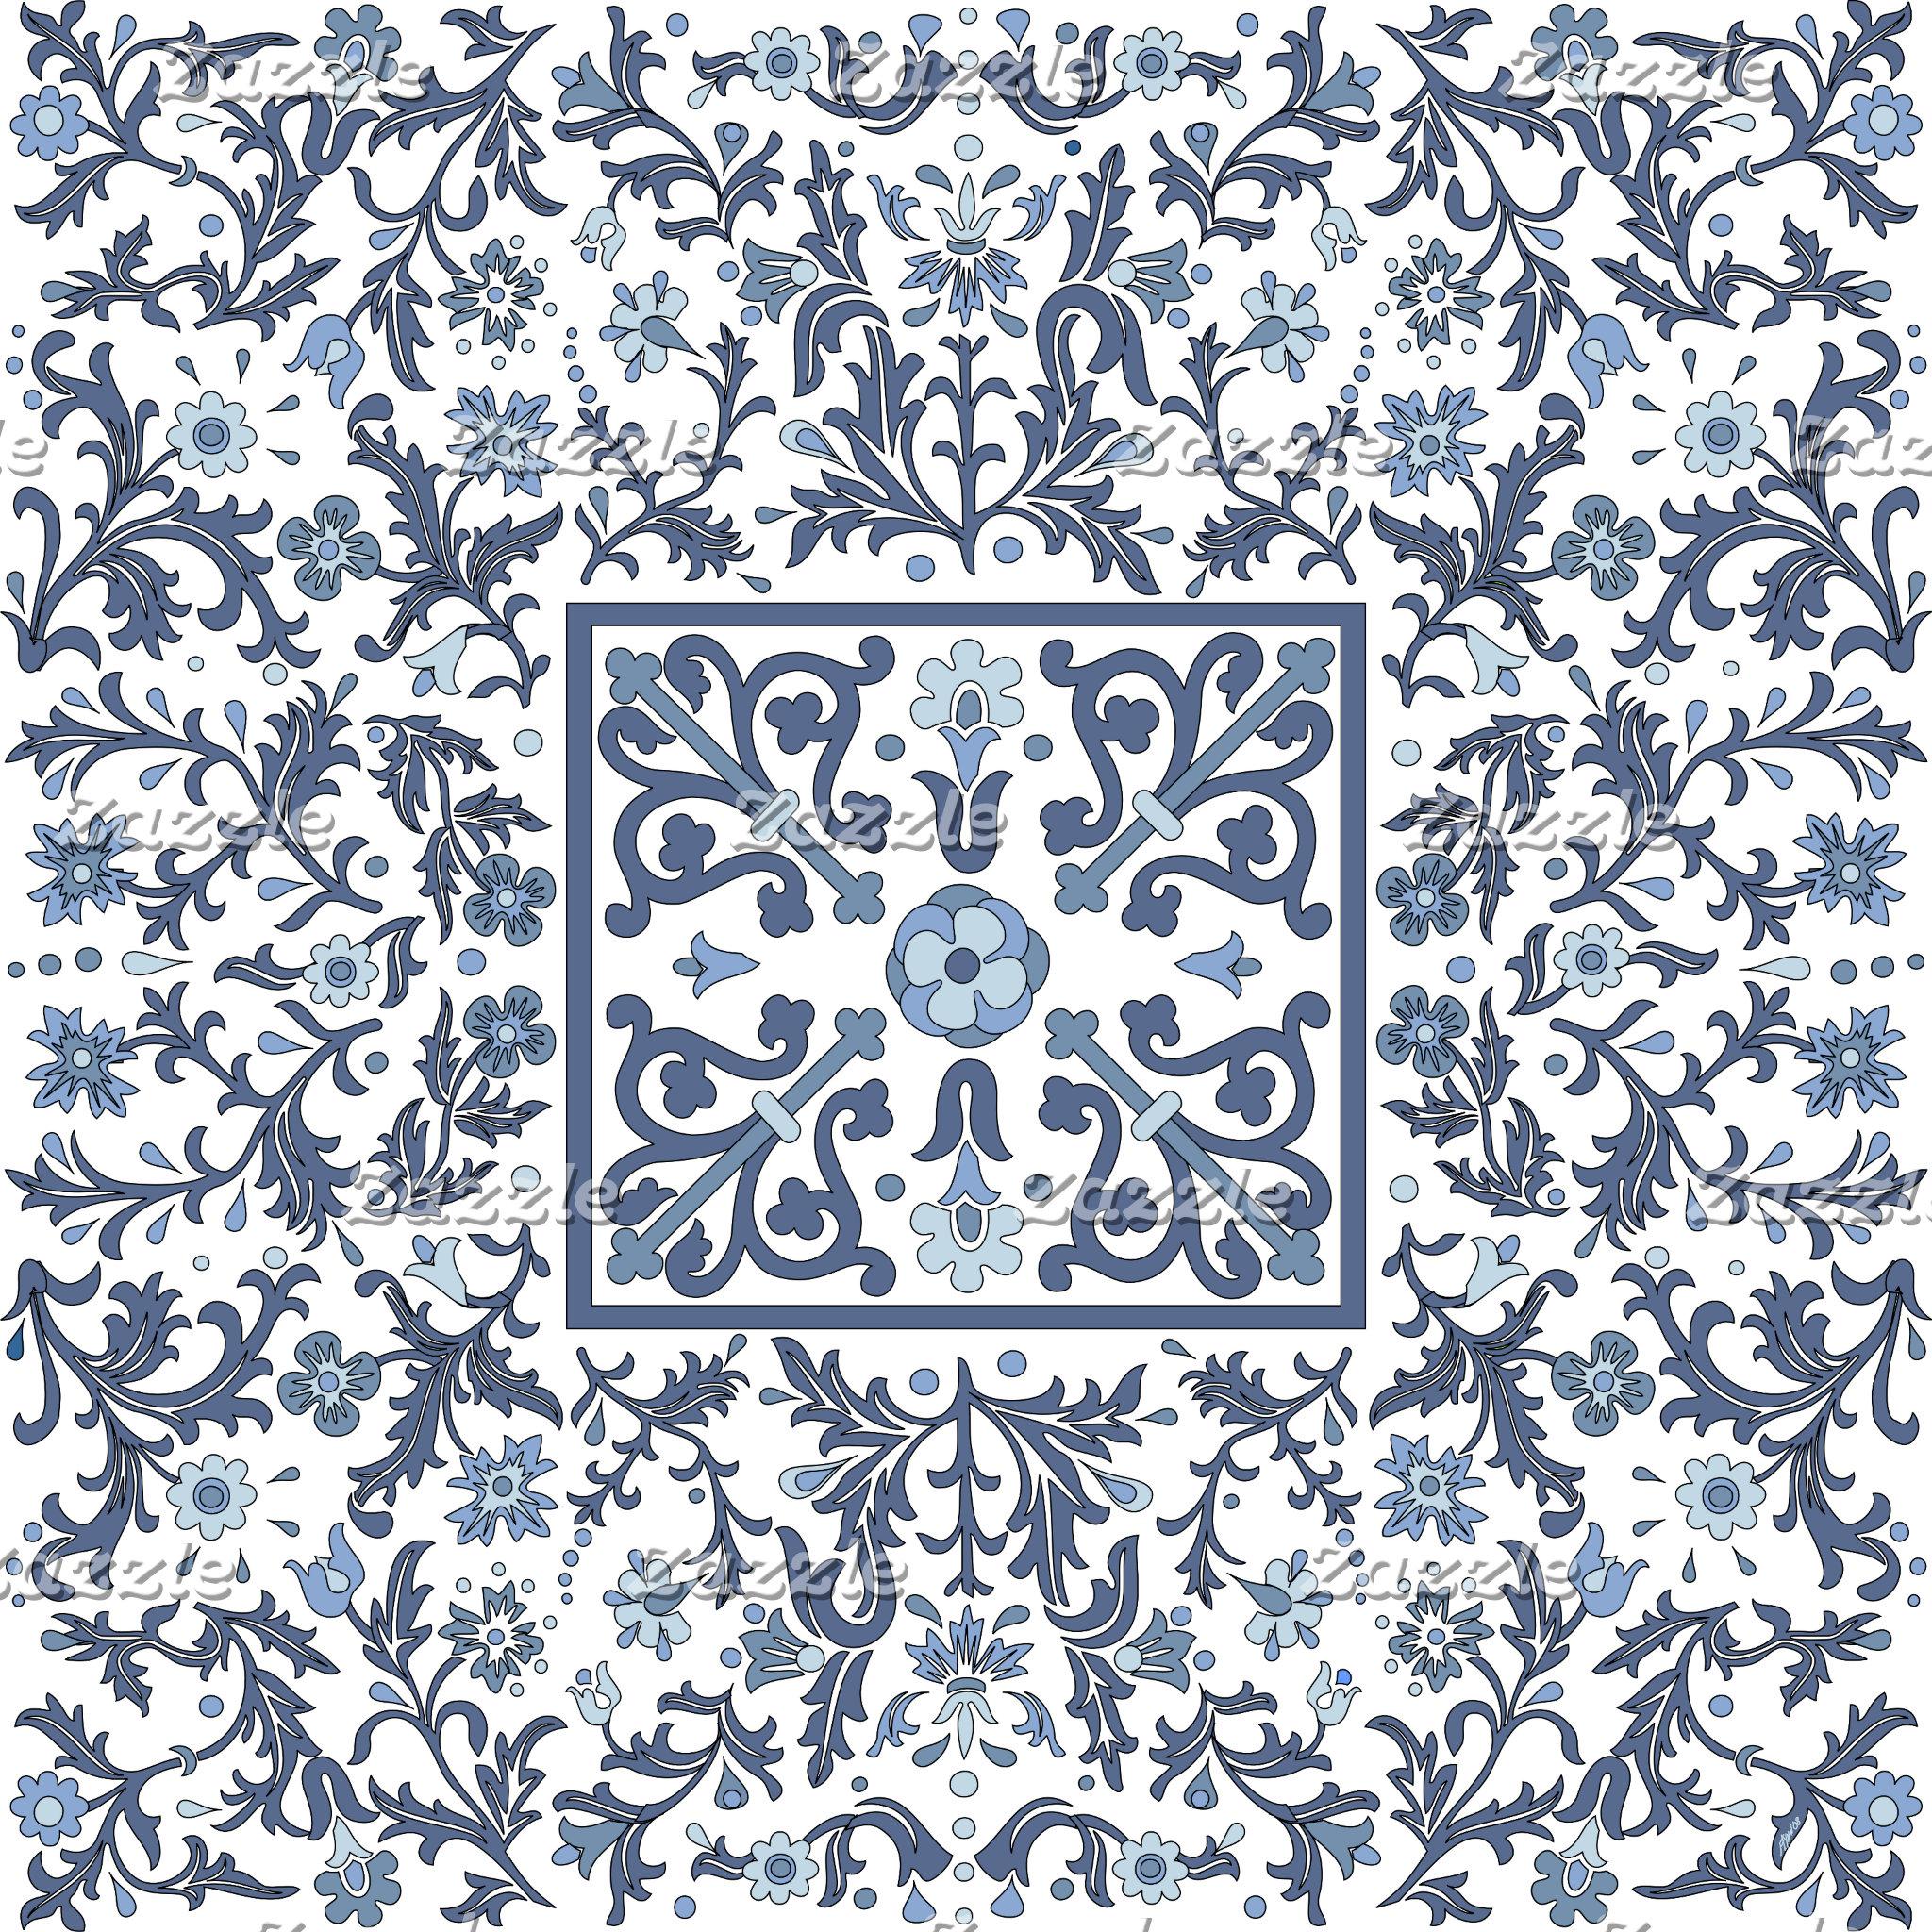 Ornate Designs